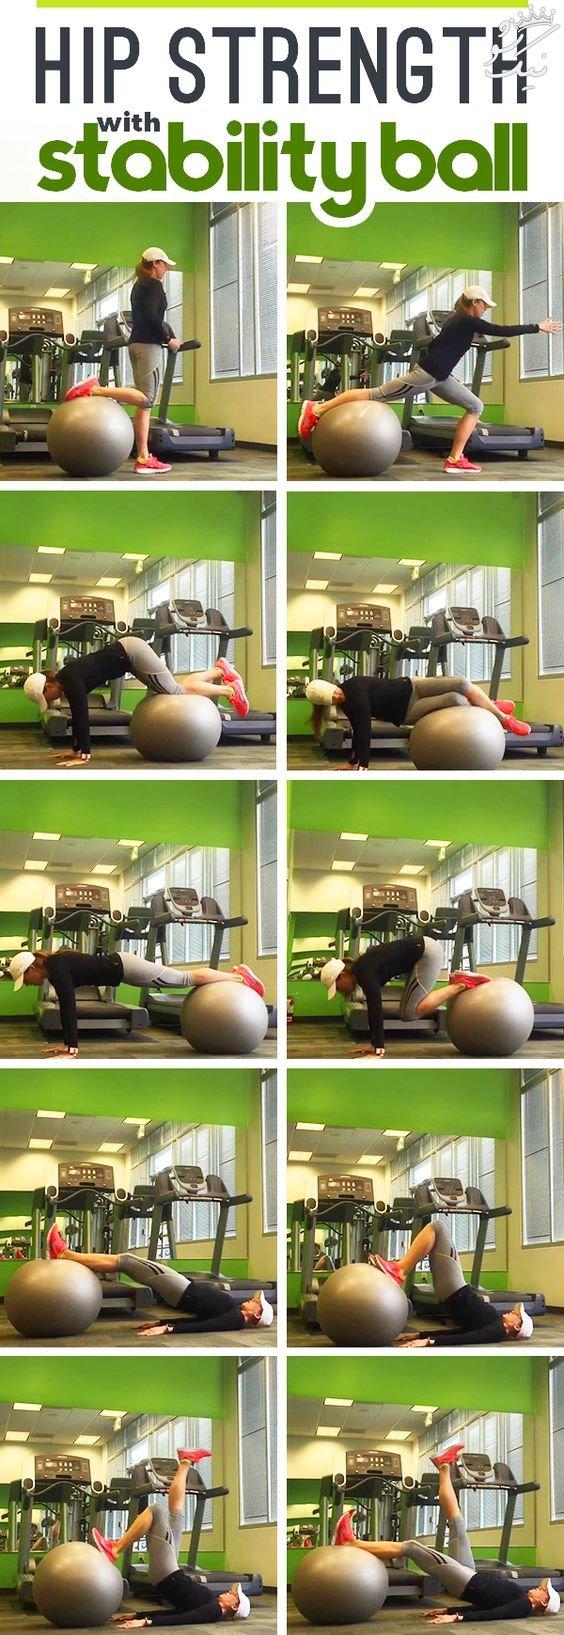 آموزش حرکات ورزش پیلاتس بصورت تصویری (3)